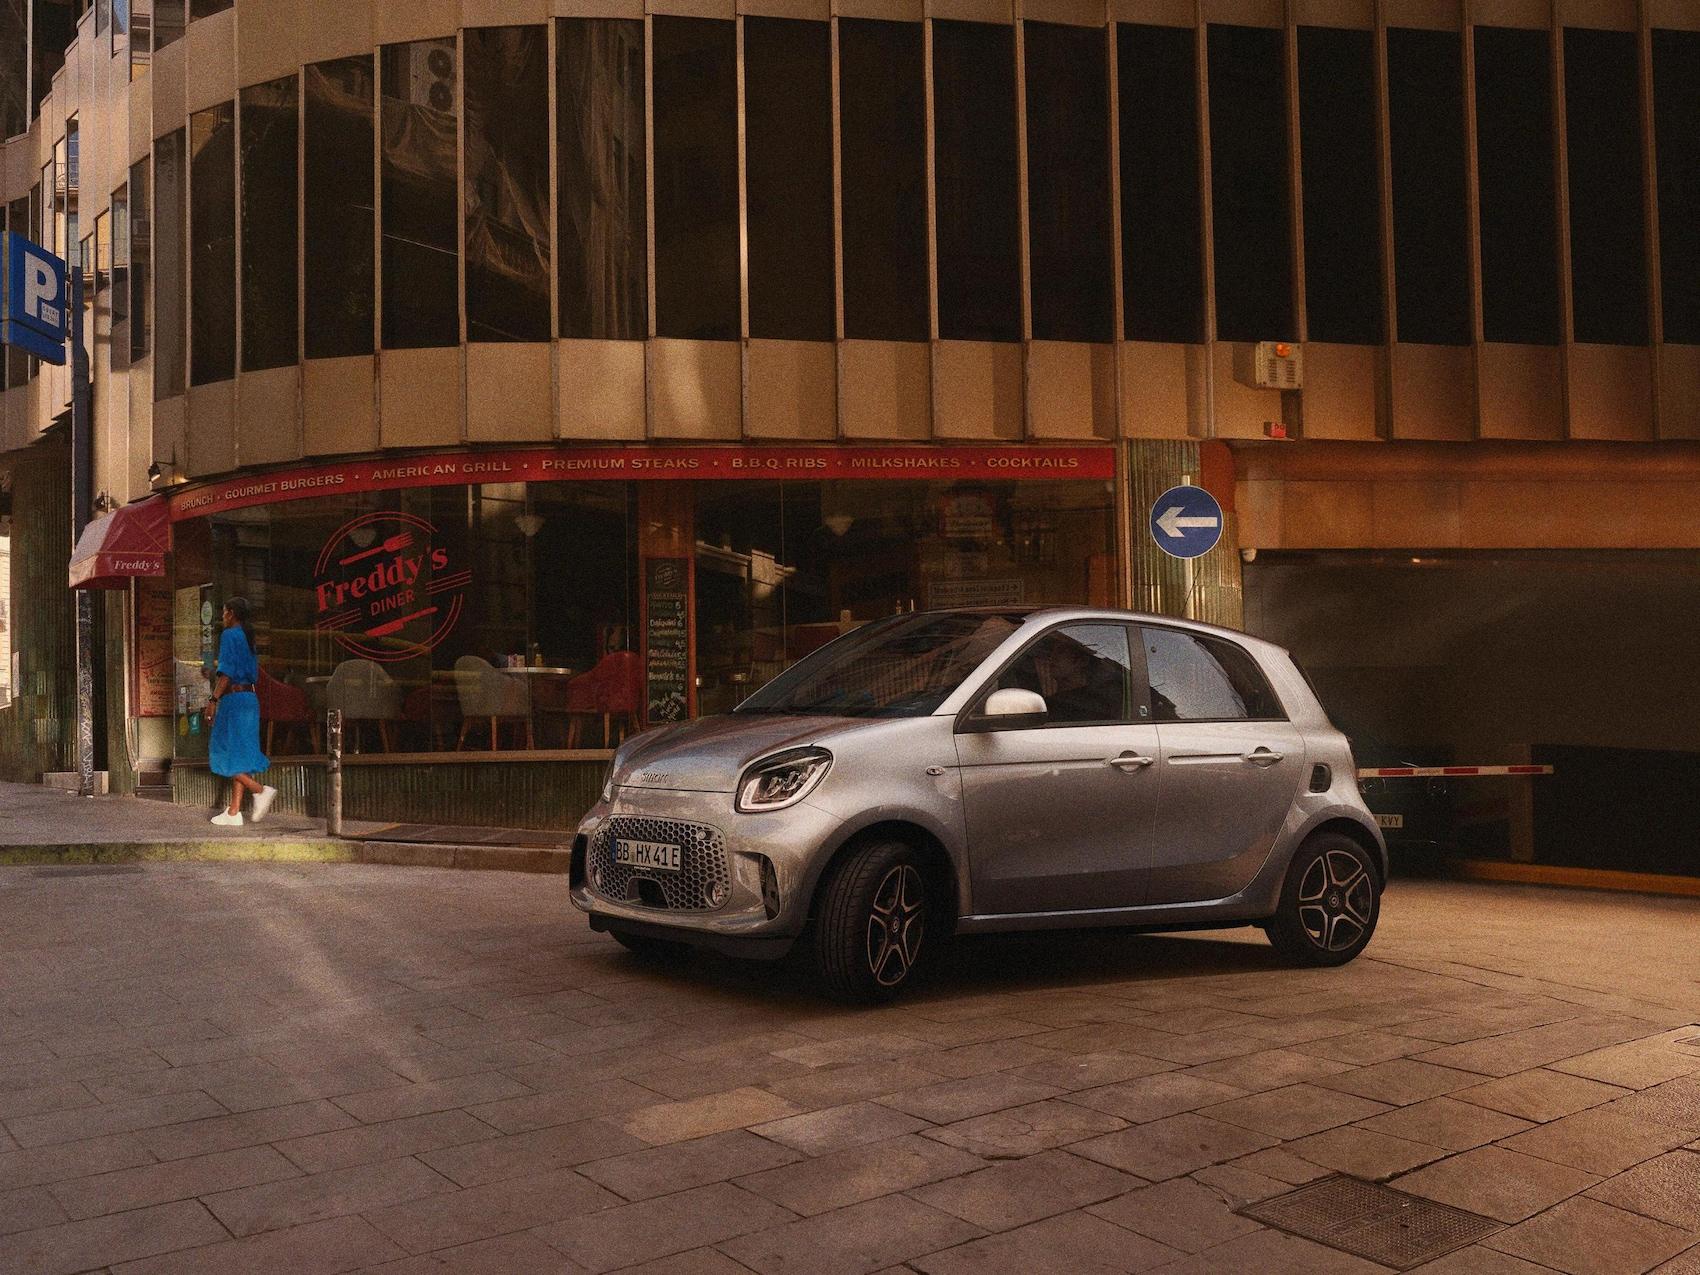 Ein smart EQ forfour steht vor einem Gebäude